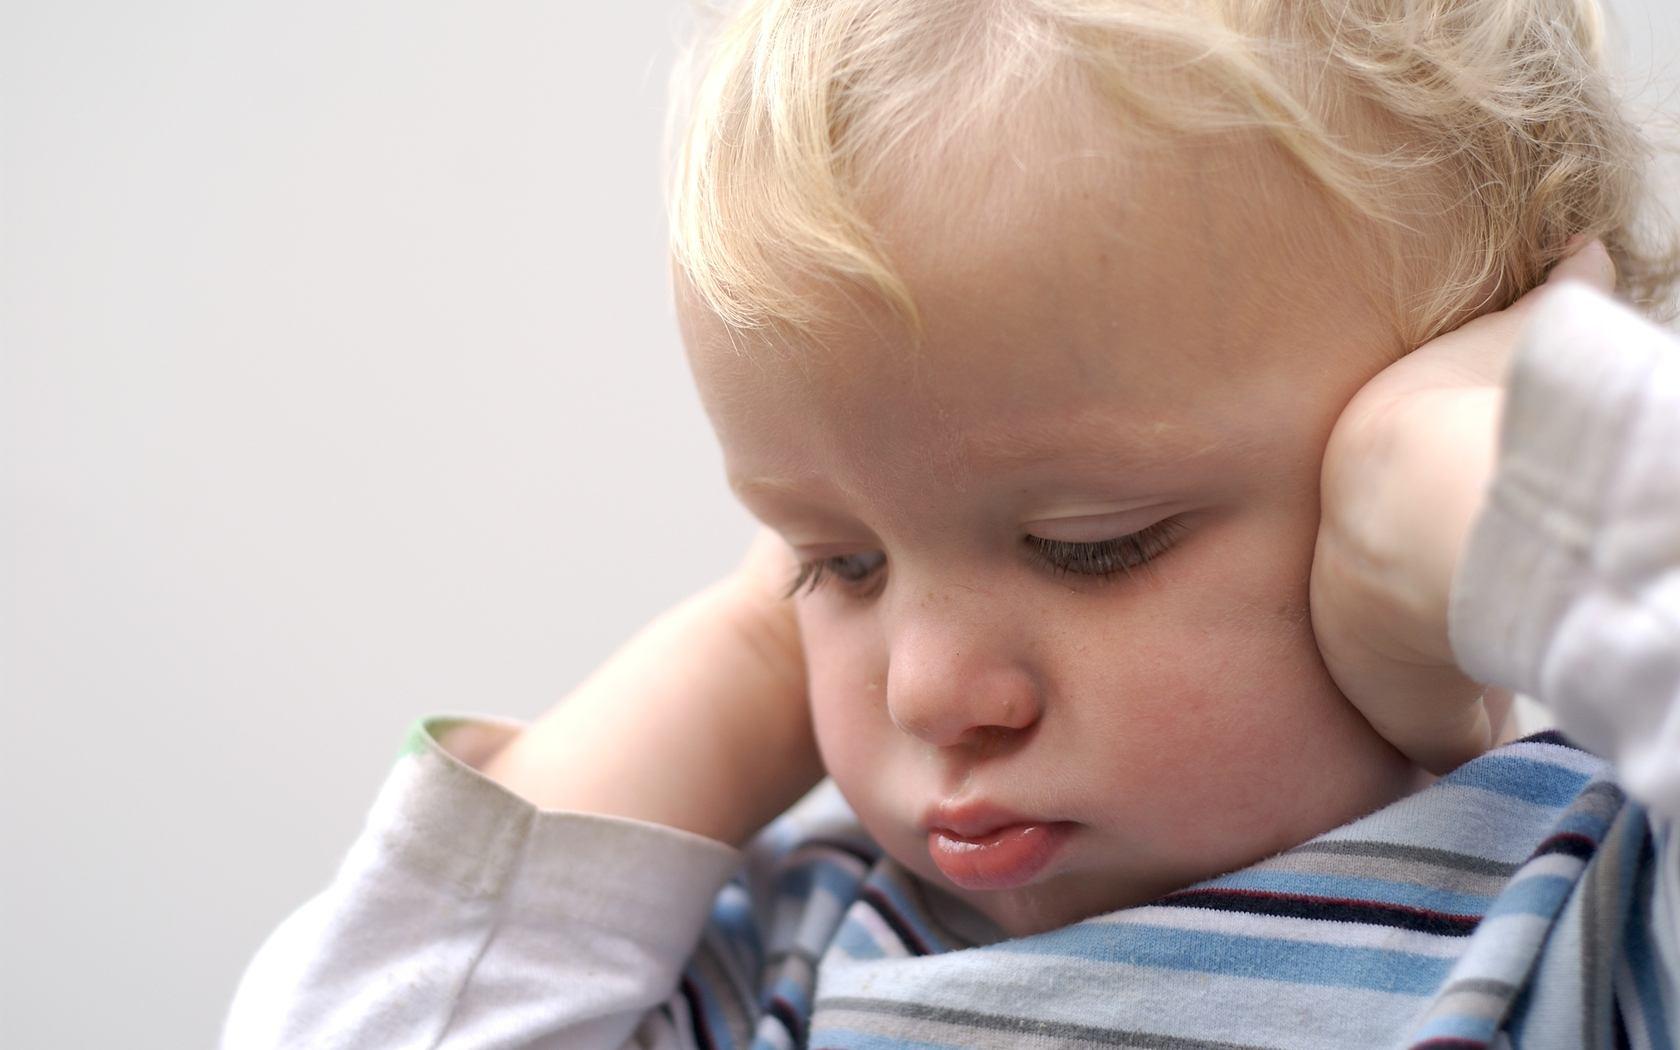 Тугоухость у детей - причины, симптомы, диагностика и лечение